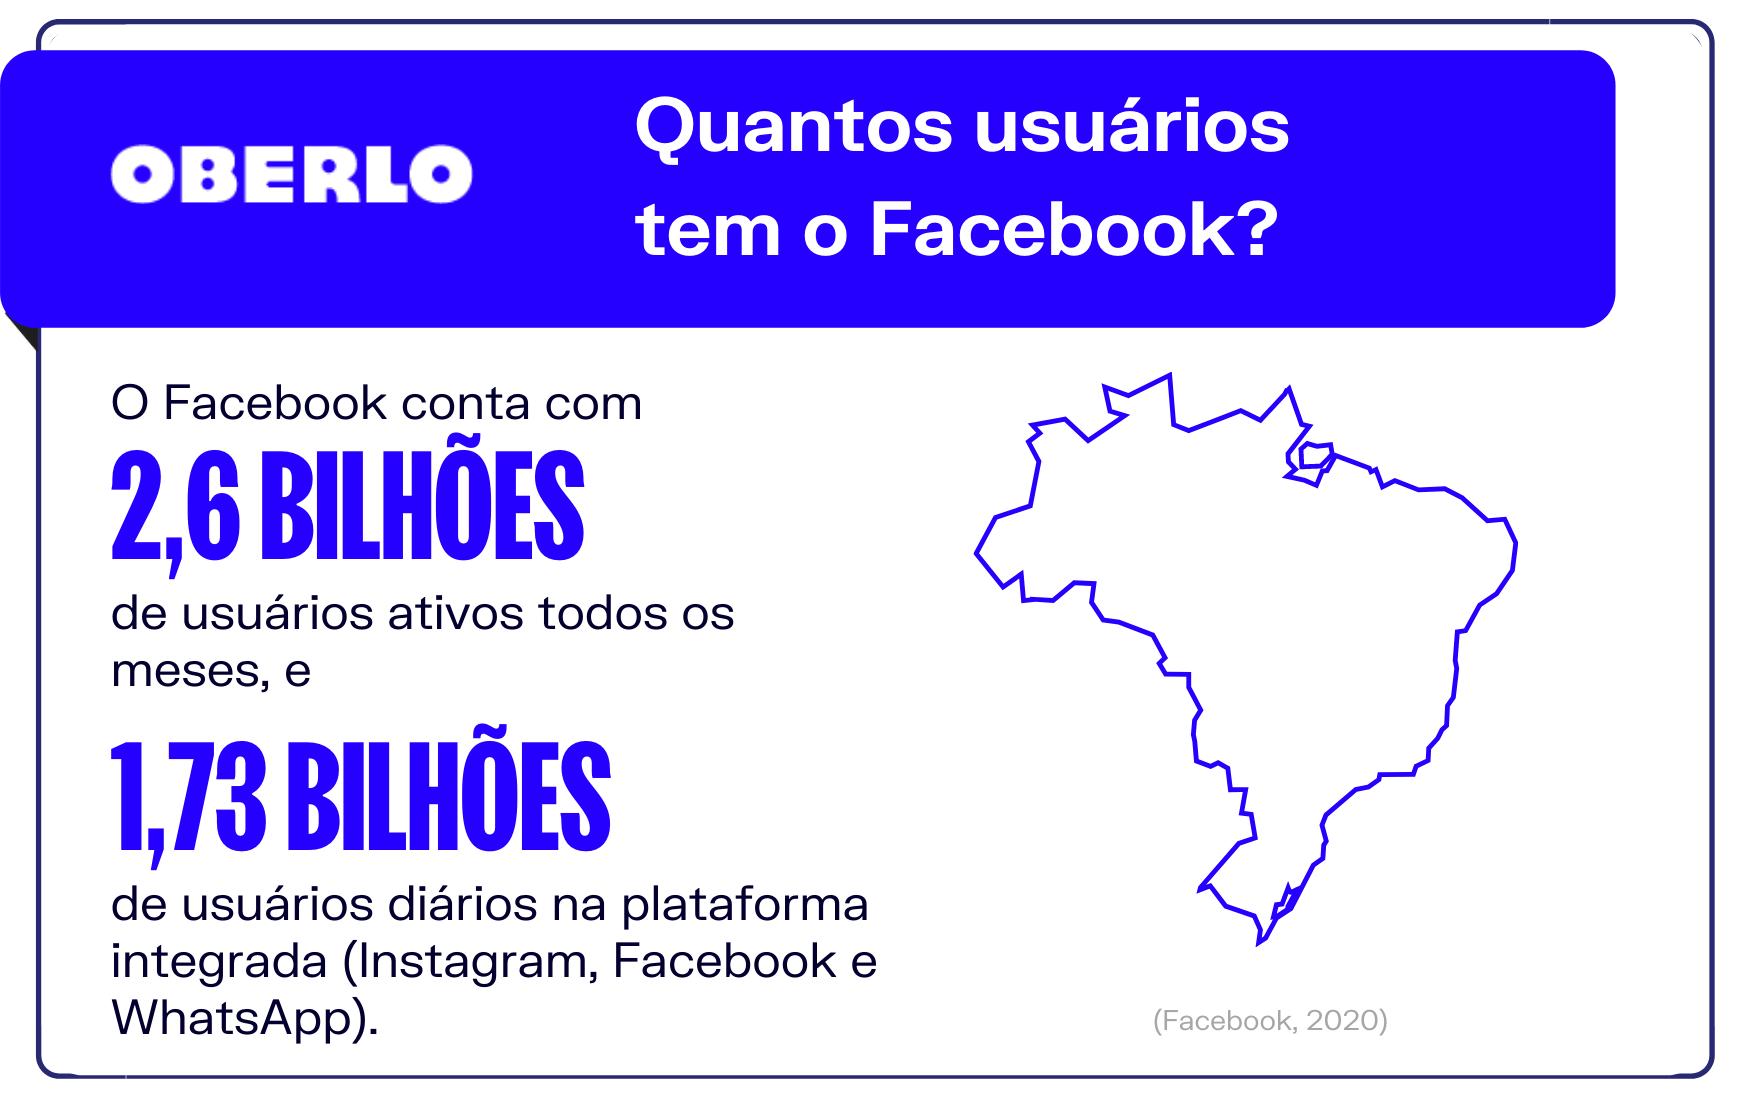 Facebook para empresas: Quantos usuários tem o Facebook?